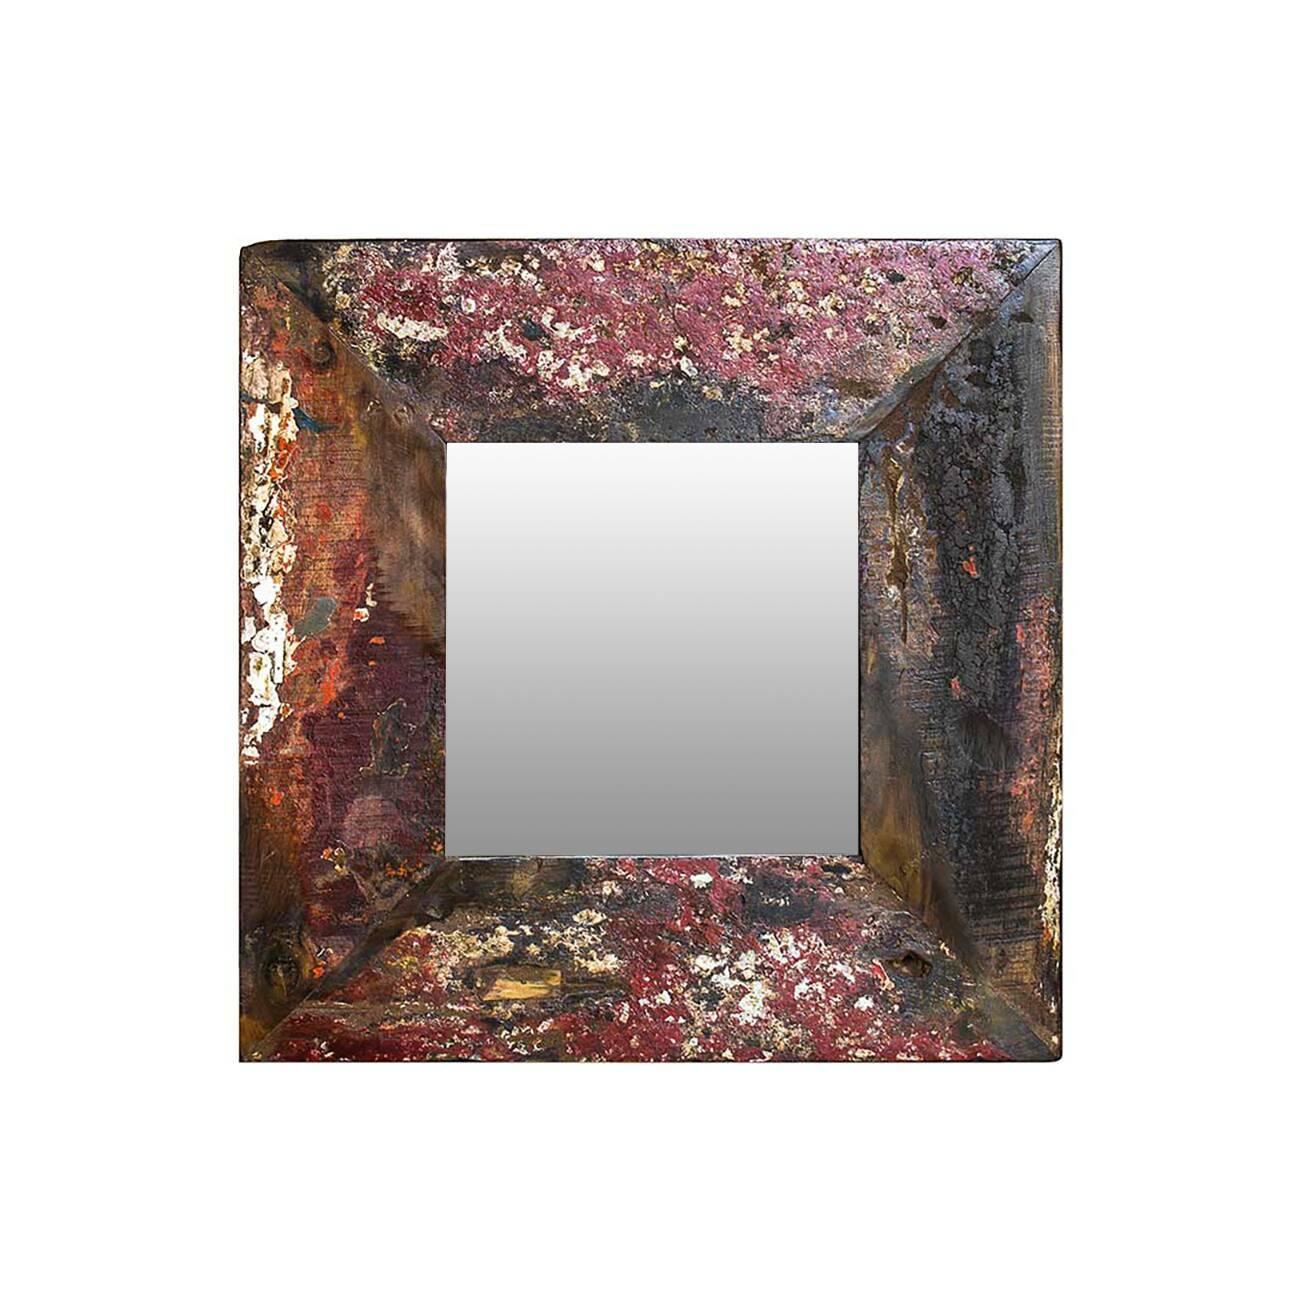 Зеркало Свет мой зеркальце 60Настенные<br>Зеркало Свет мой зеркальце высота 60 выполнено из массива древесины старого рыбацкого судна, такой как тик, махагон, суар, с сохранением оригинальной многослойной окраски. Древесина обладает высокой износостойкостью, долговечностью и водоотталкивающими свойствами. Ее использовали индонезийские рыбаки для создания лодок, а мебель из нее подходит для использования как внутри помещения, так и снаружи. Покрыто натуральным шеллаком.<br><br><br> Зеркало Свет мой зеркальце высота 60 сделано из частей т...<br><br>stock: 0<br>Высота: 60<br>Ширина: 60<br>Глубина: 4<br>Материал: Тик<br>Цвет: Разноцветный